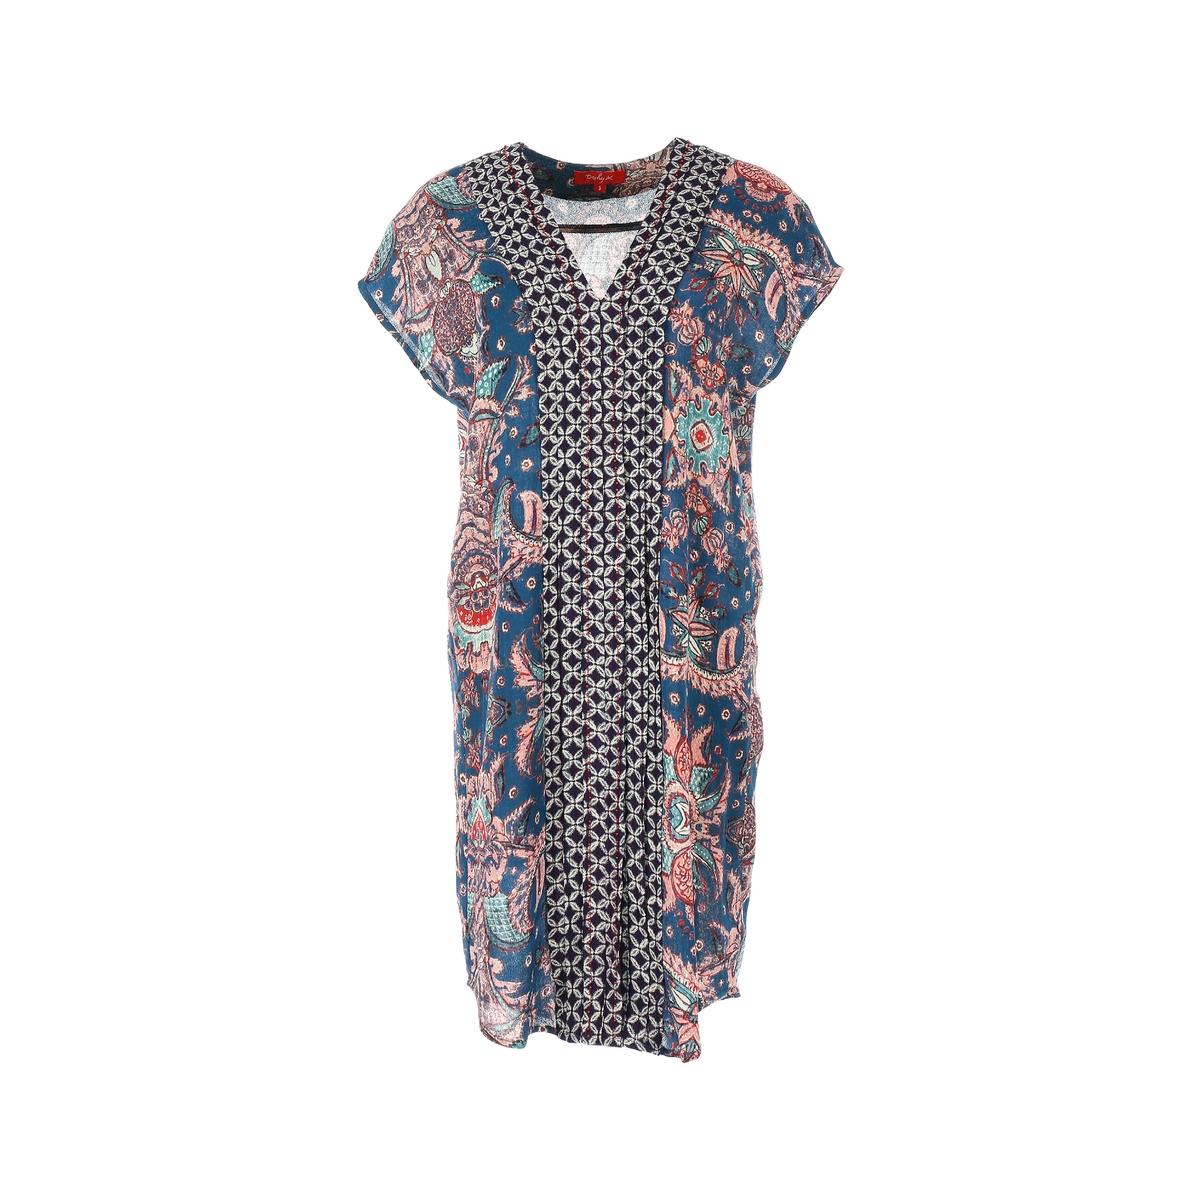 Платье короткое с короткими рукавамиДетали •  Форма : прямая   •  короткое   •  Короткие рукава    •   V-образный вырез •  Рисунок-принтСостав и уход •  100% вискоза   •  Следуйте советам по уходу, указанным на этикетке<br><br>Цвет: наб. рисунок синий<br>Размер: S